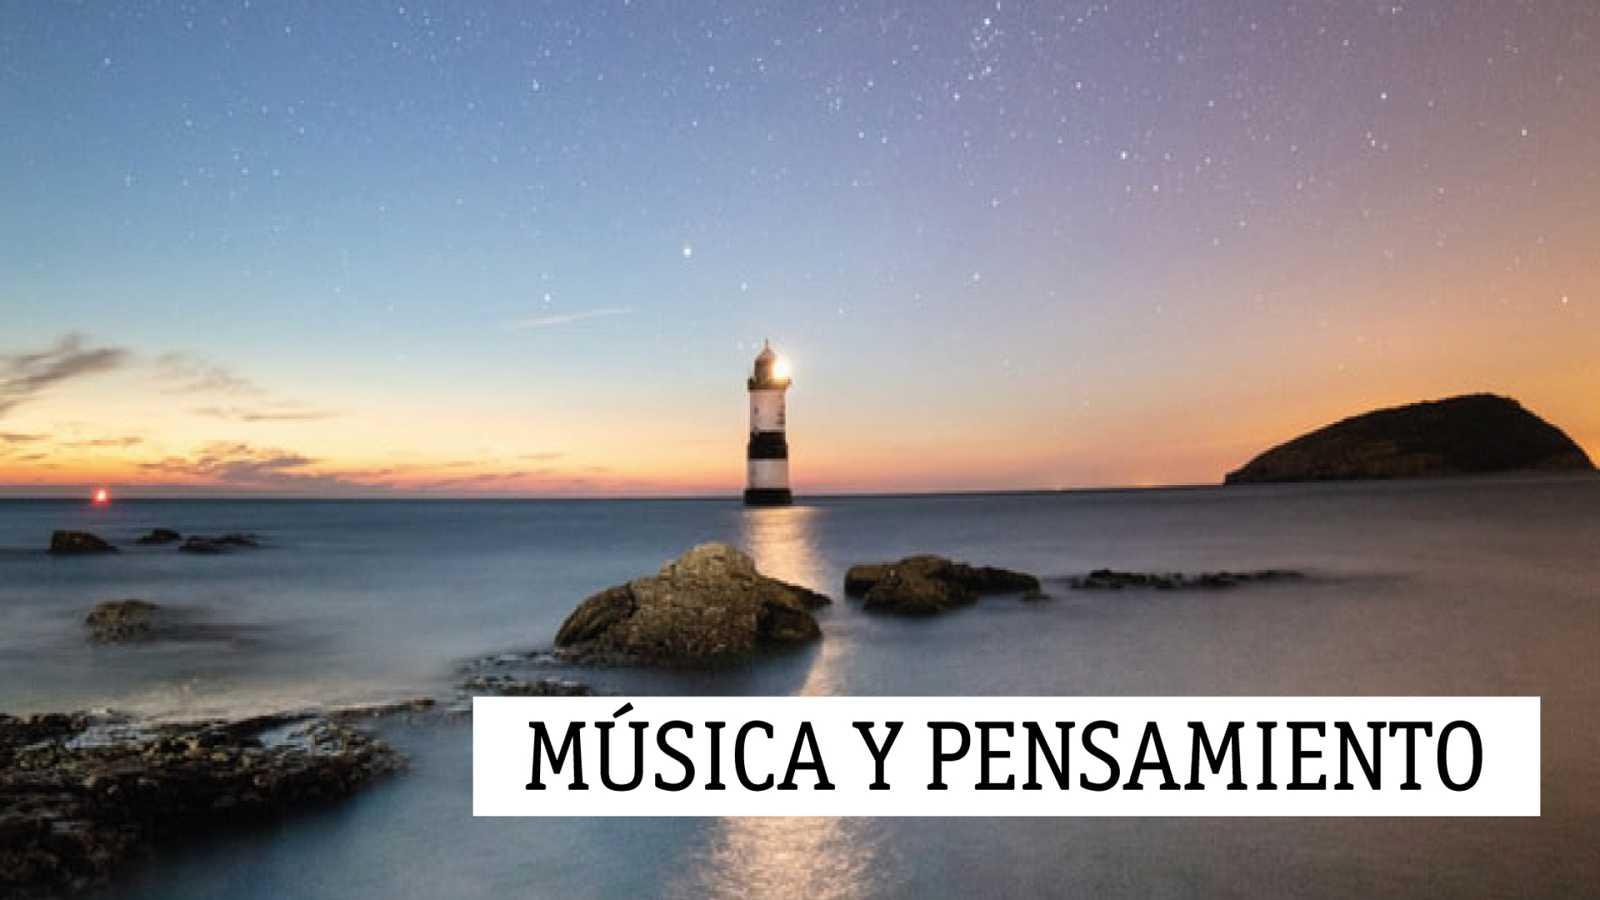 Música y Pensamiento - Junichiro Tanizaki - 08/11/20 - escuchar ahora